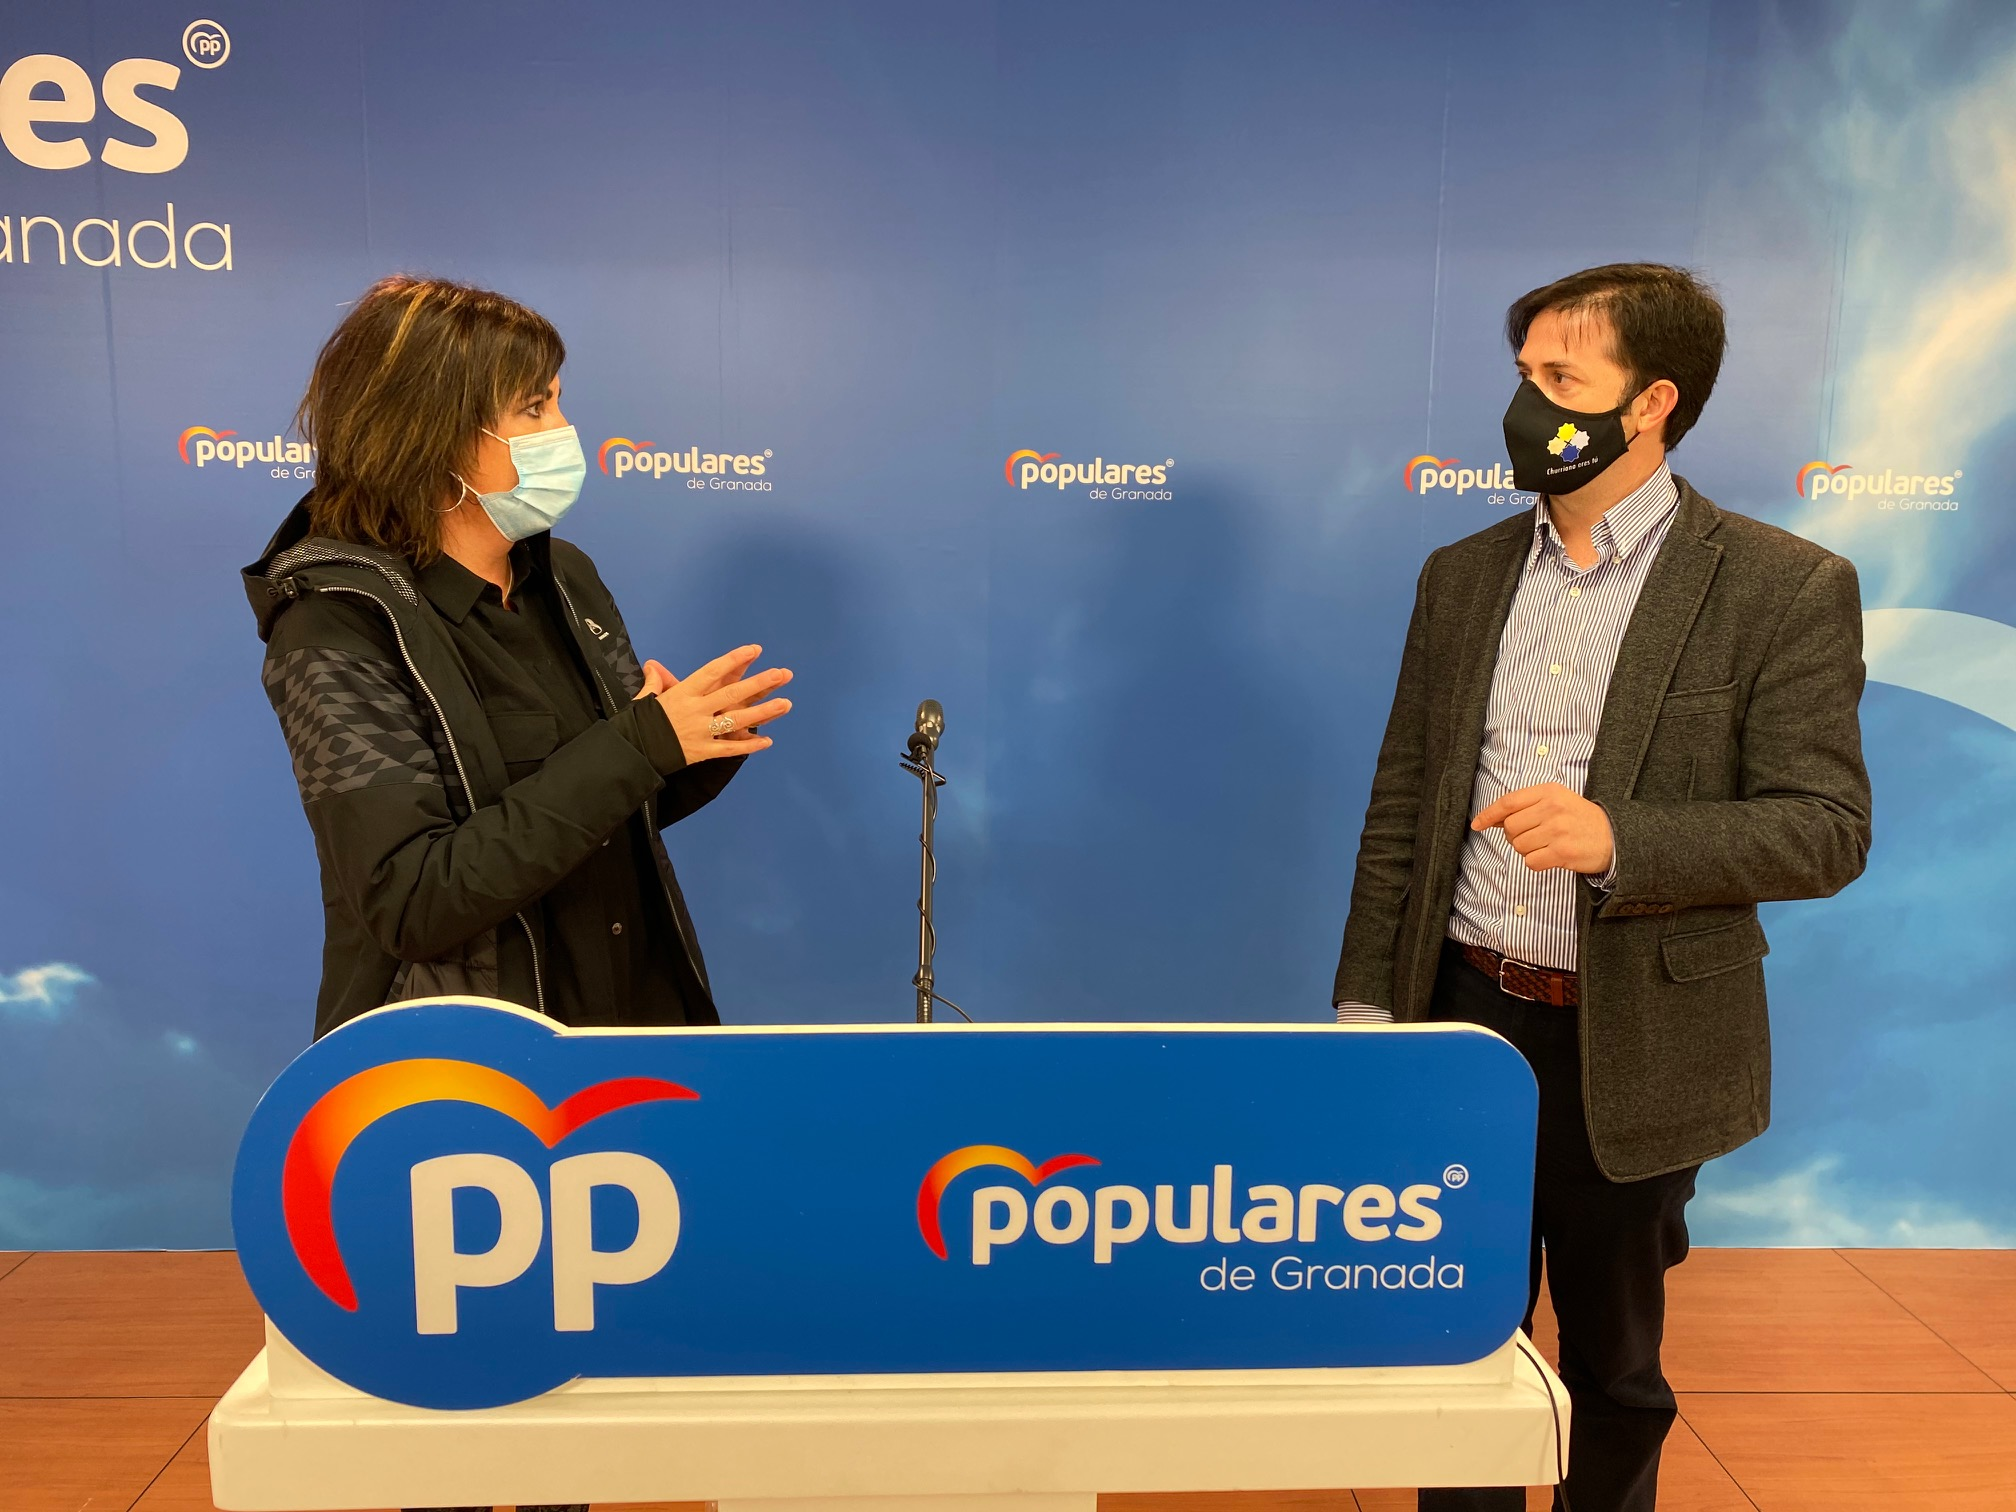 El PP propone apoyo al sector de los espectáculos en Diputación y los ayuntamientos